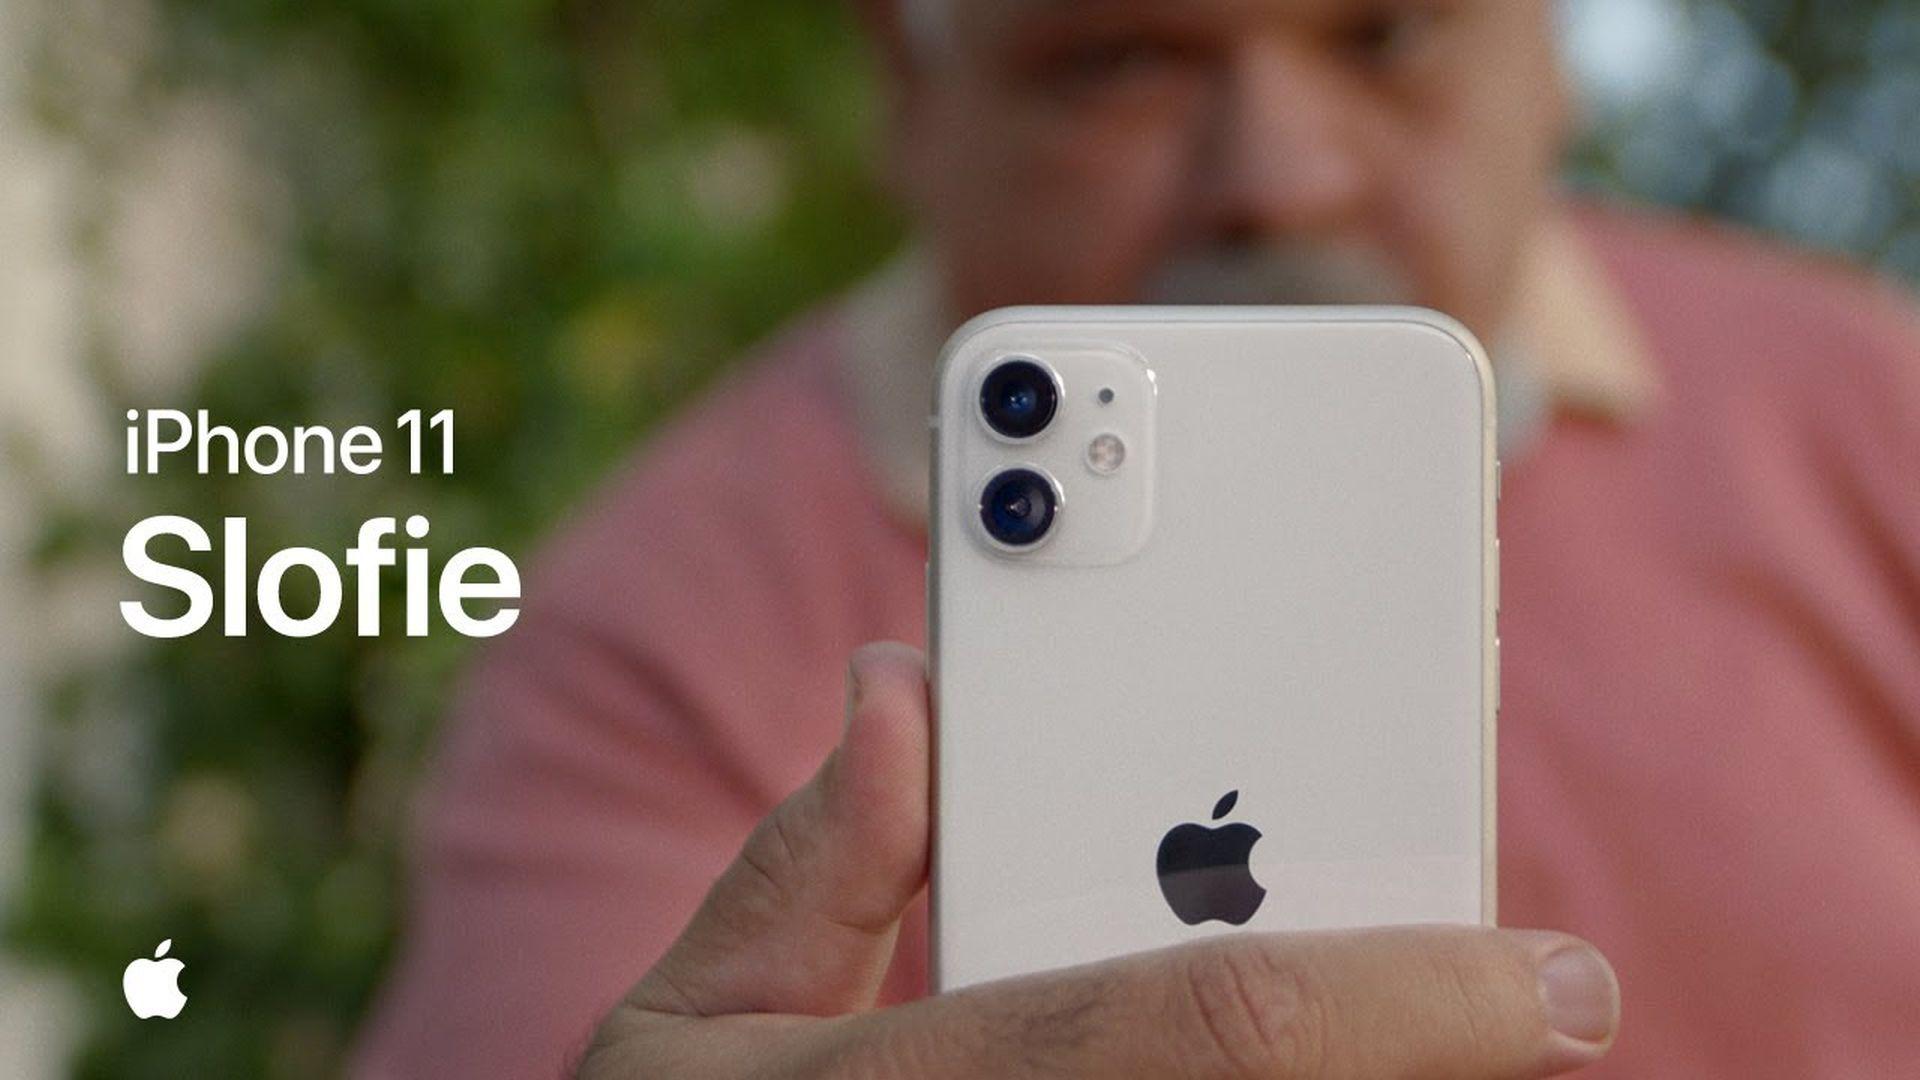 Nowe reklamy iPhone'a 11 przedstawiające funkcje nagrywania slofie